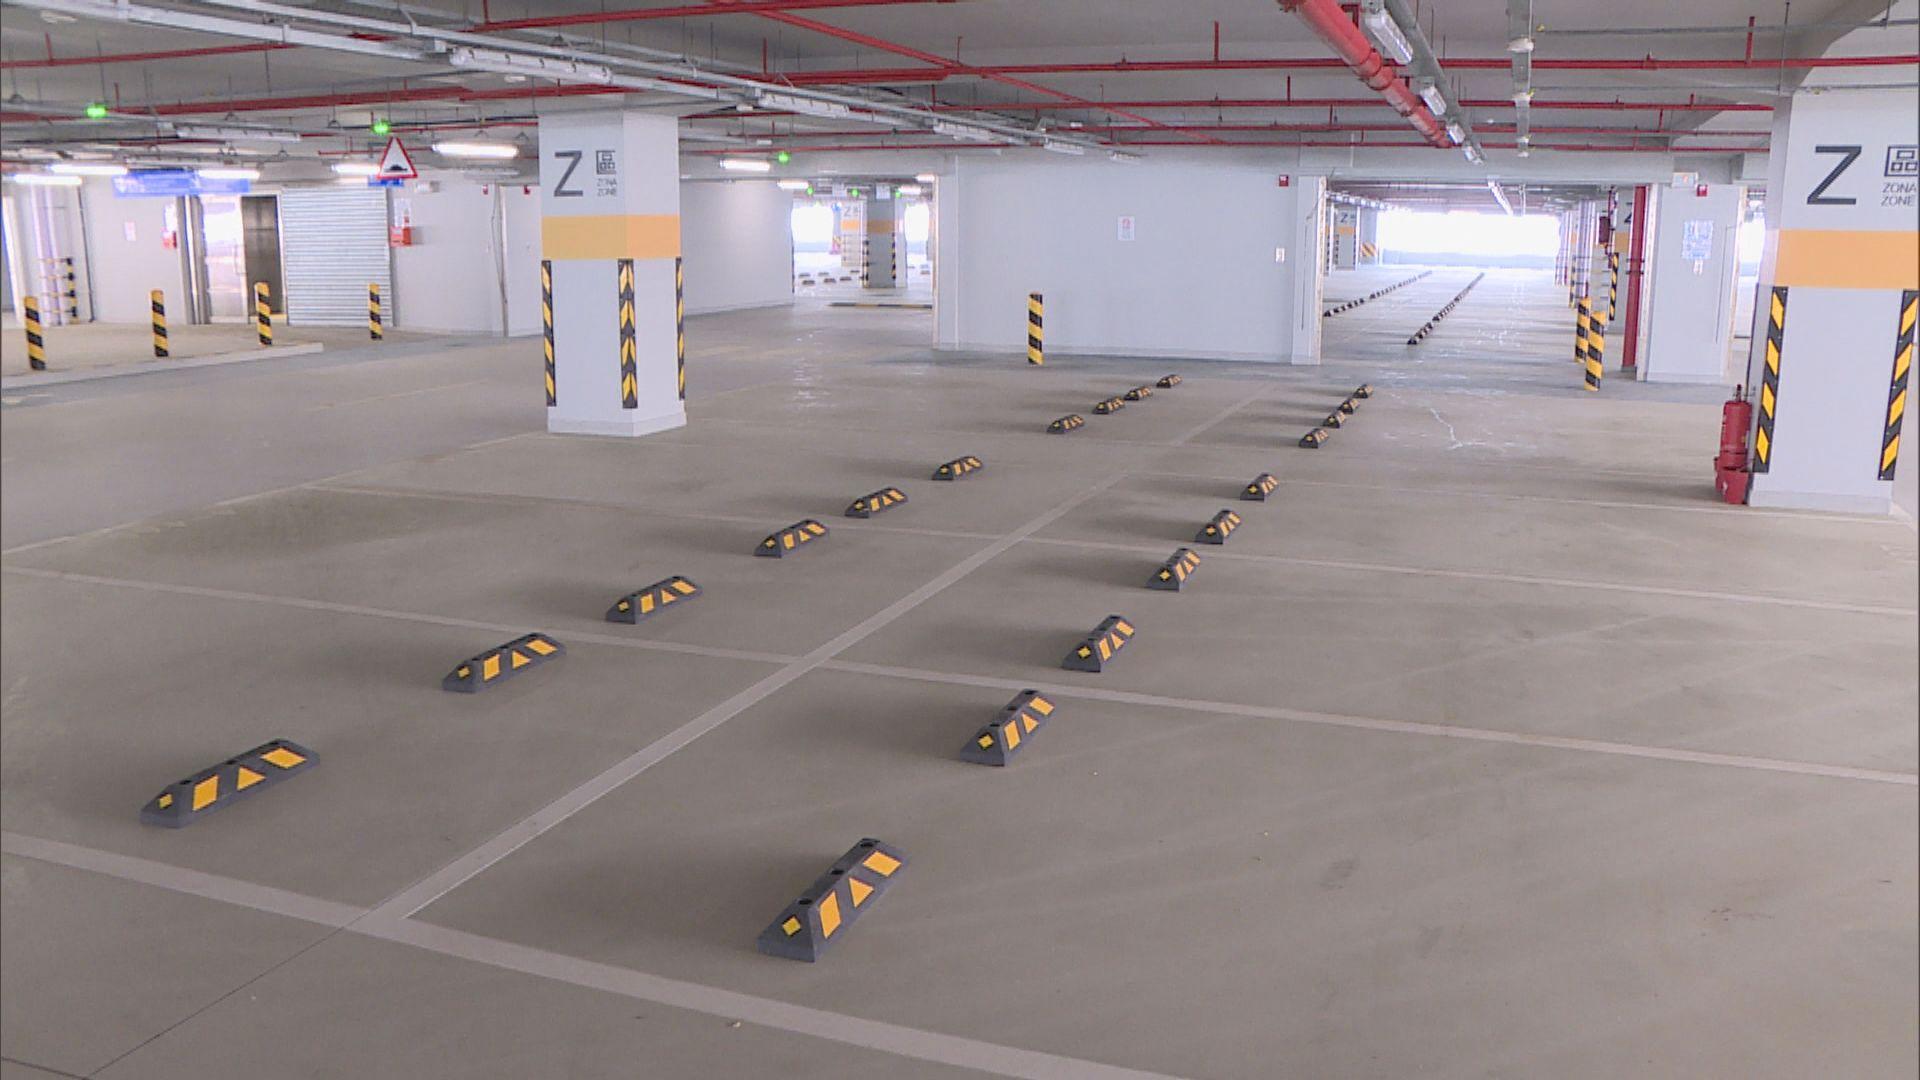 澳門口岸停車場使用率低司機稱安排不便